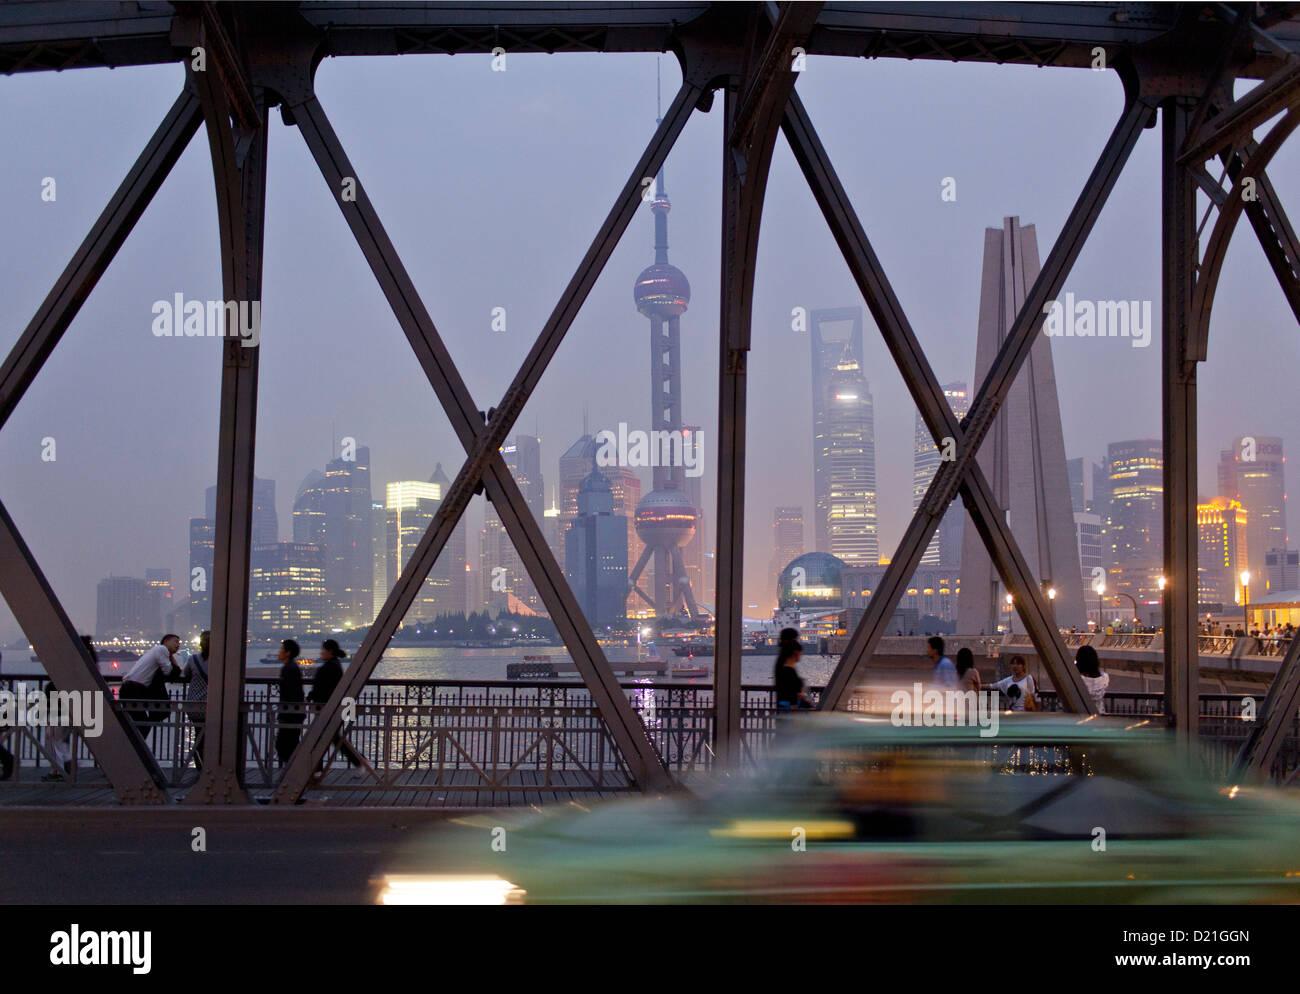 Waibaidu Bridge and skyline at night, Shanghai, China, Asia Stock Photo